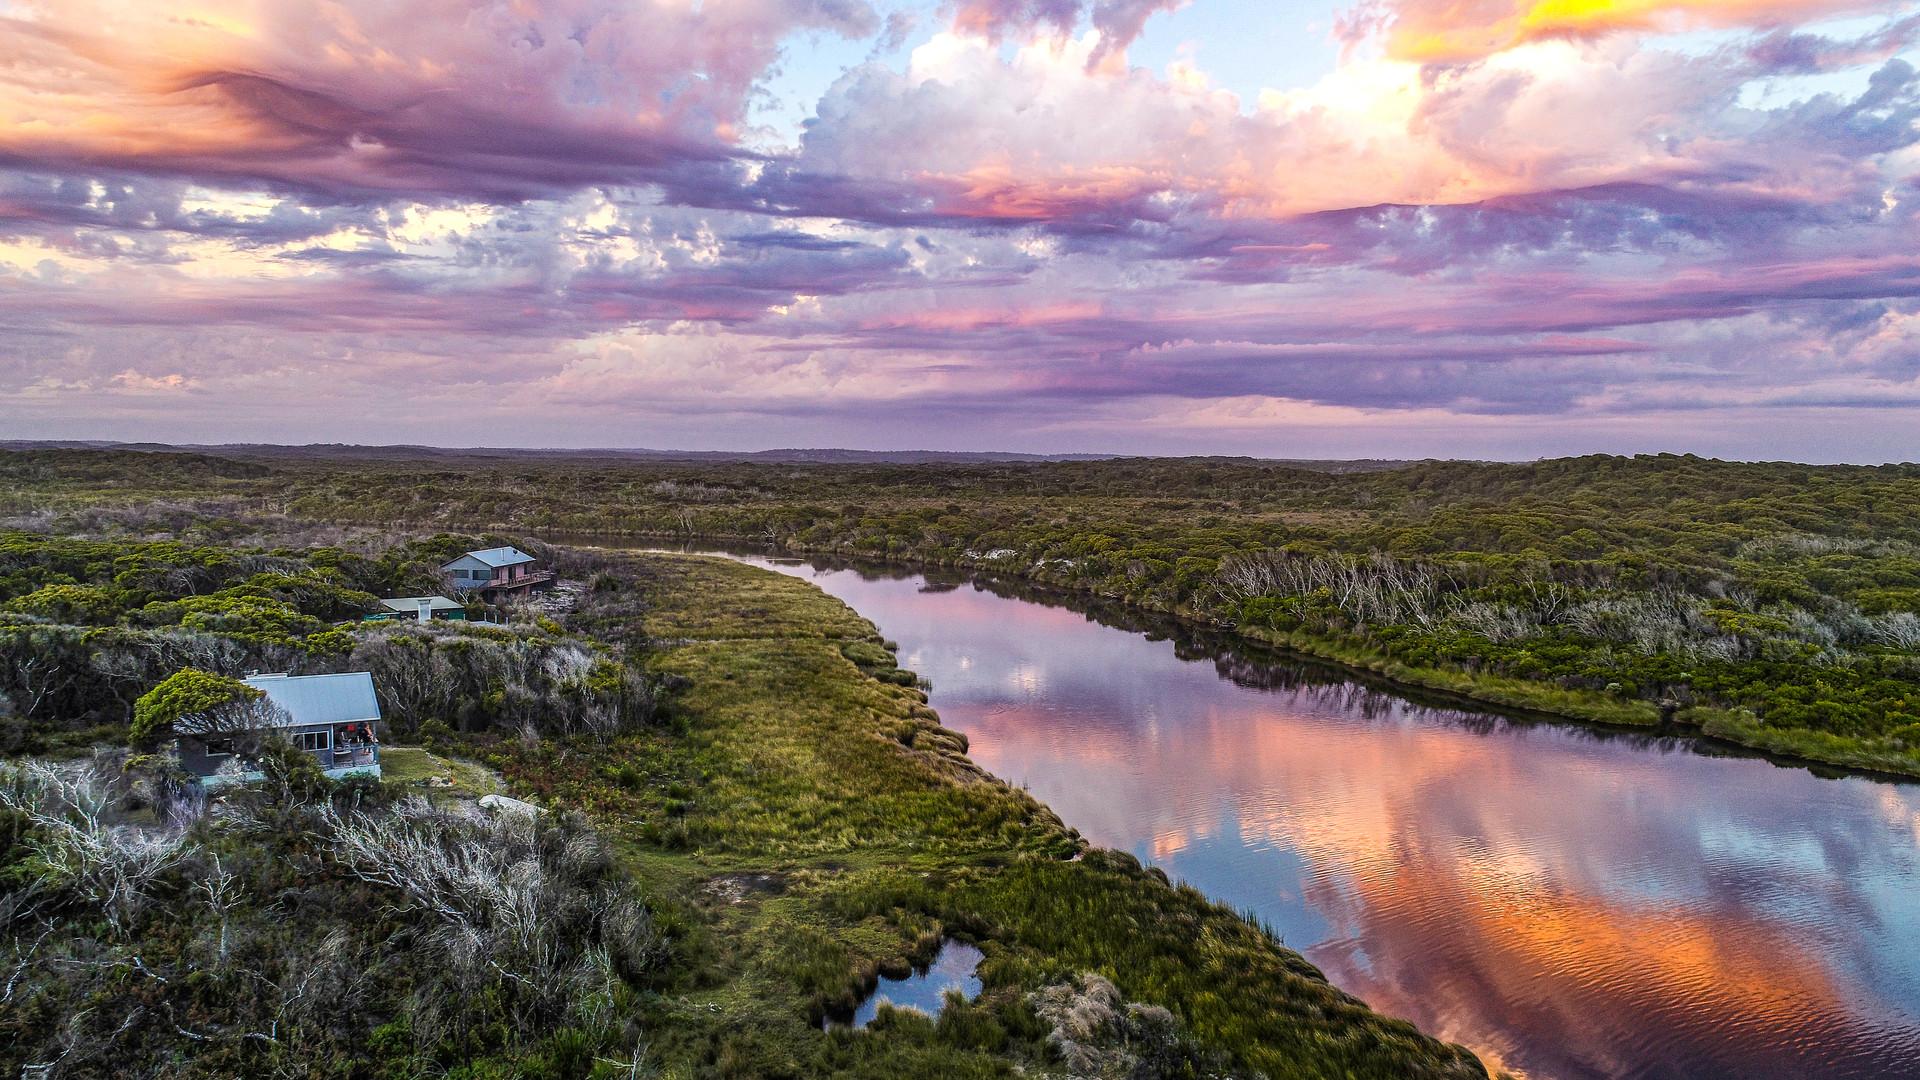 Sunset Gardner River